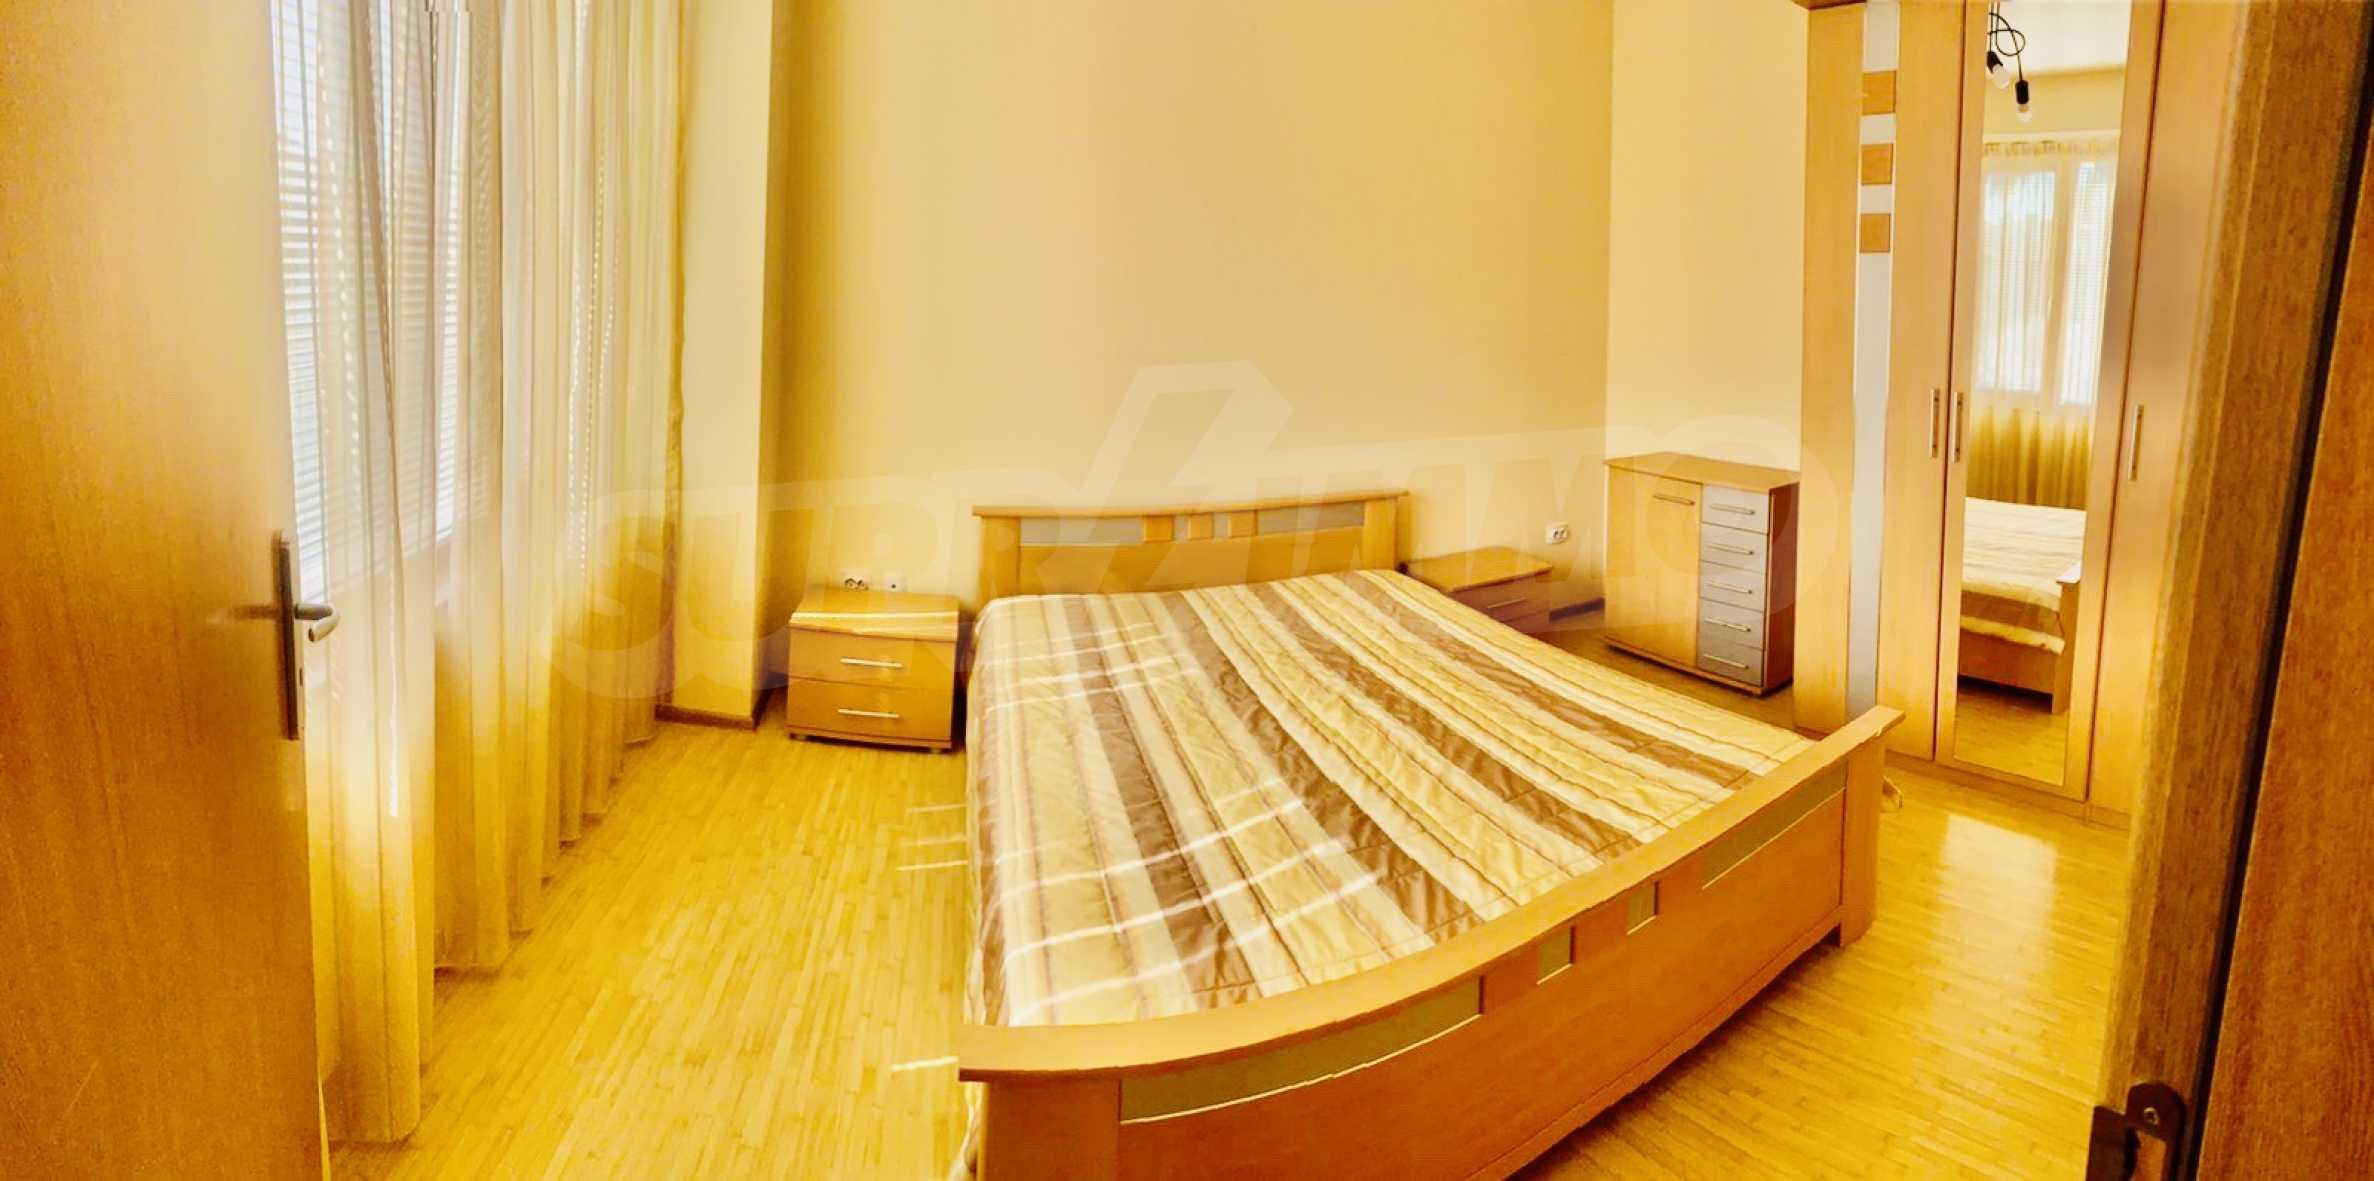 Apartment for rent in Veliko Tarnovo  8